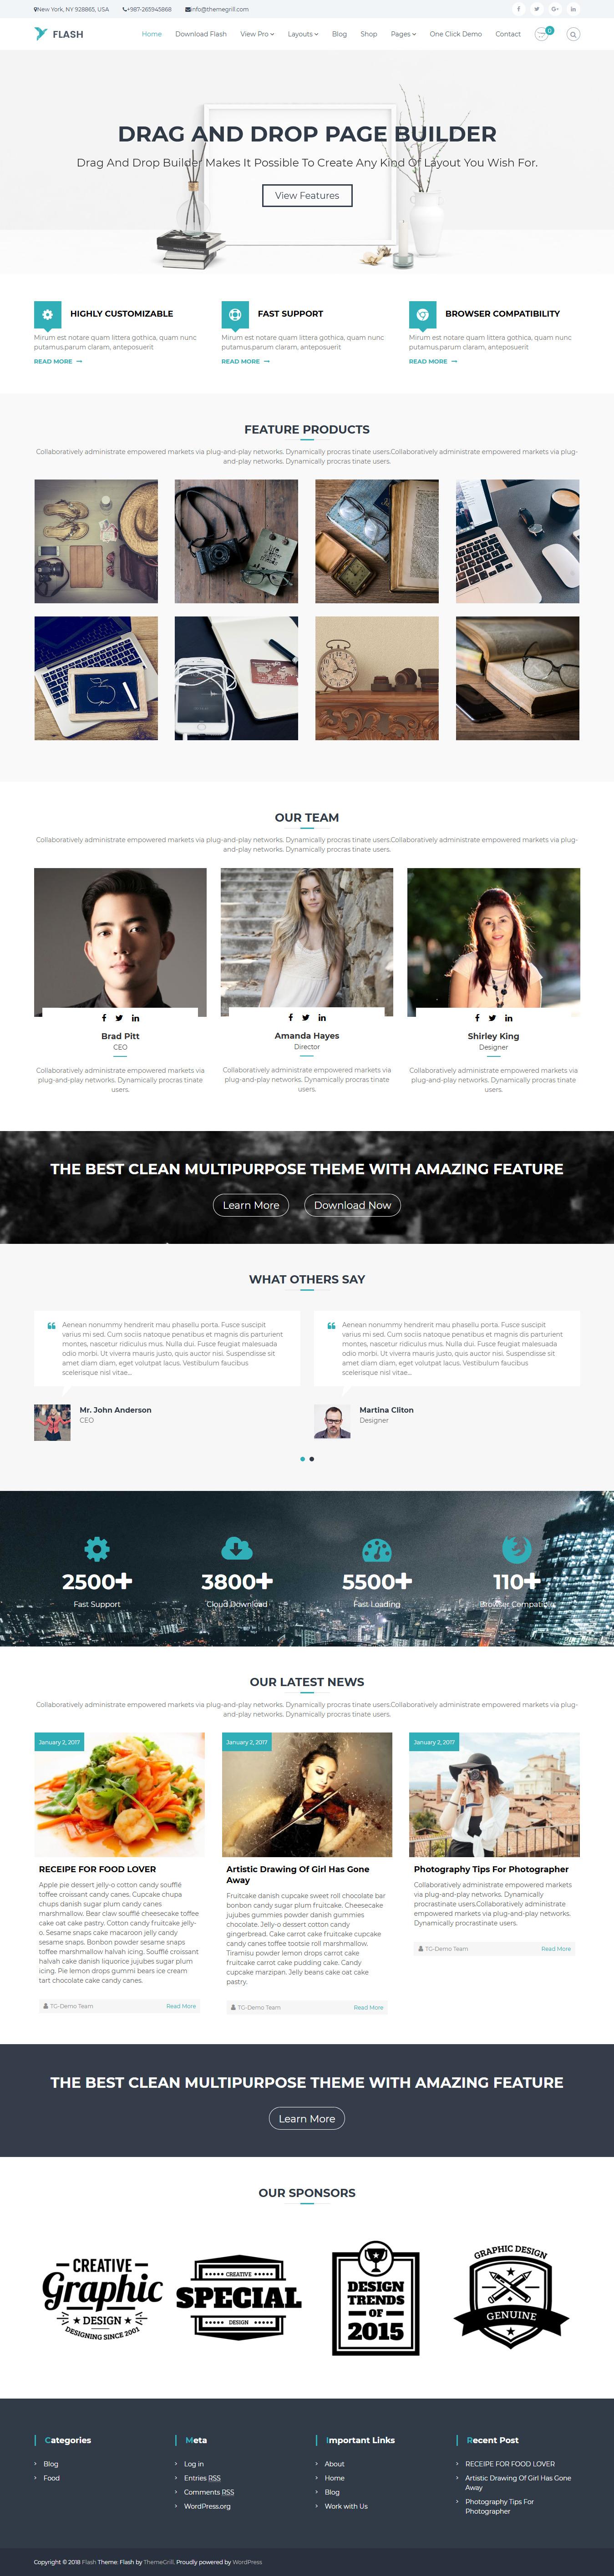 Flash: el mejor tema gratuito multipropósito de WordPress